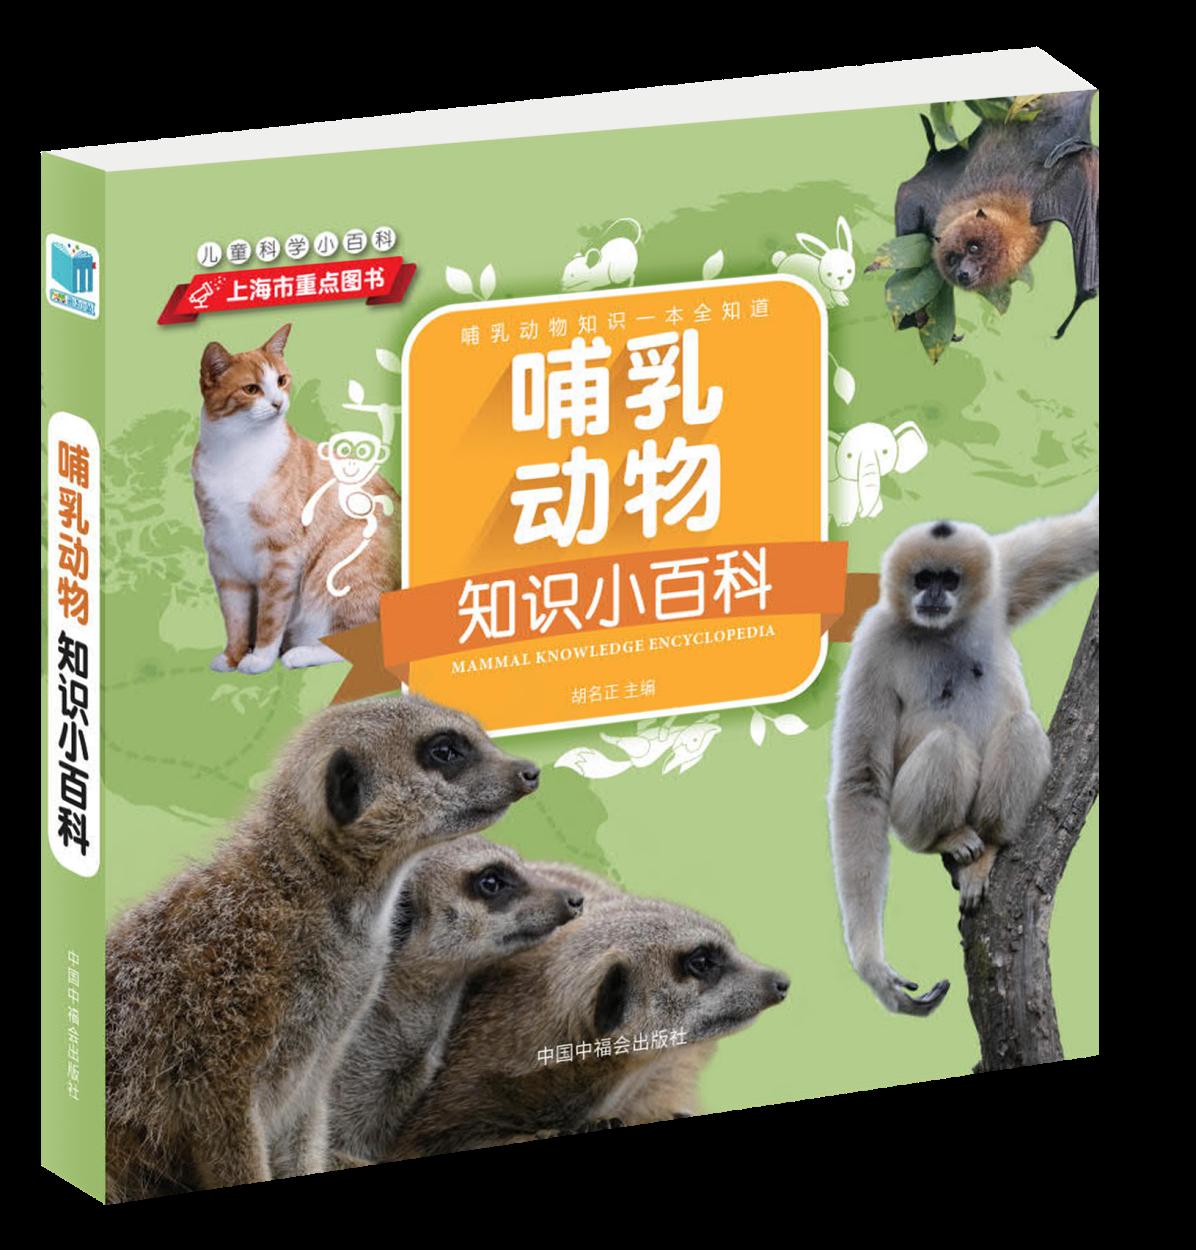 哺乳动物知识小百科 封面.png